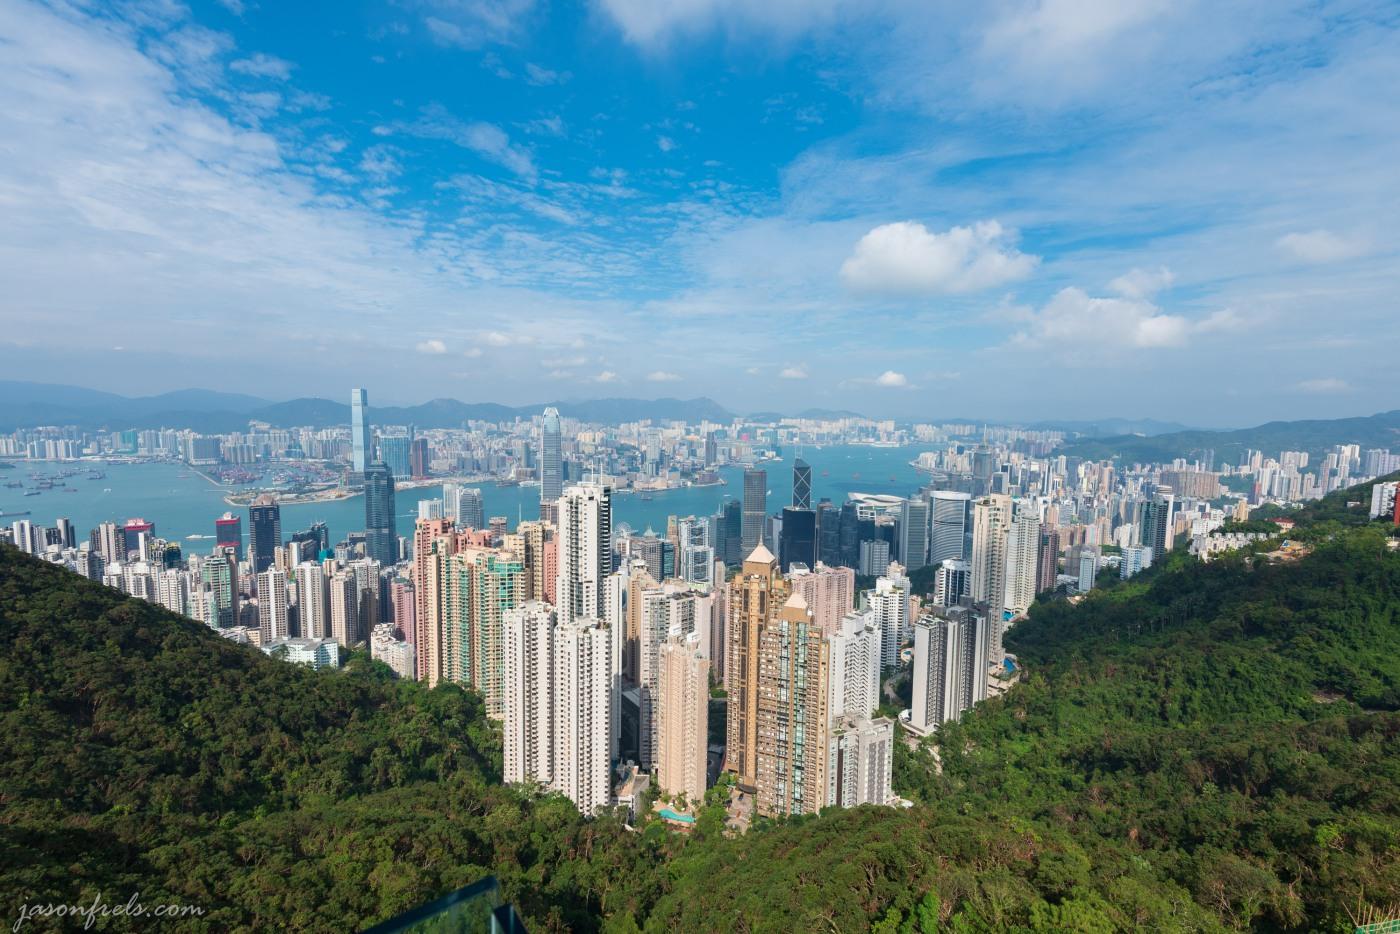 Hong Kong as viewed from Victoria Peak